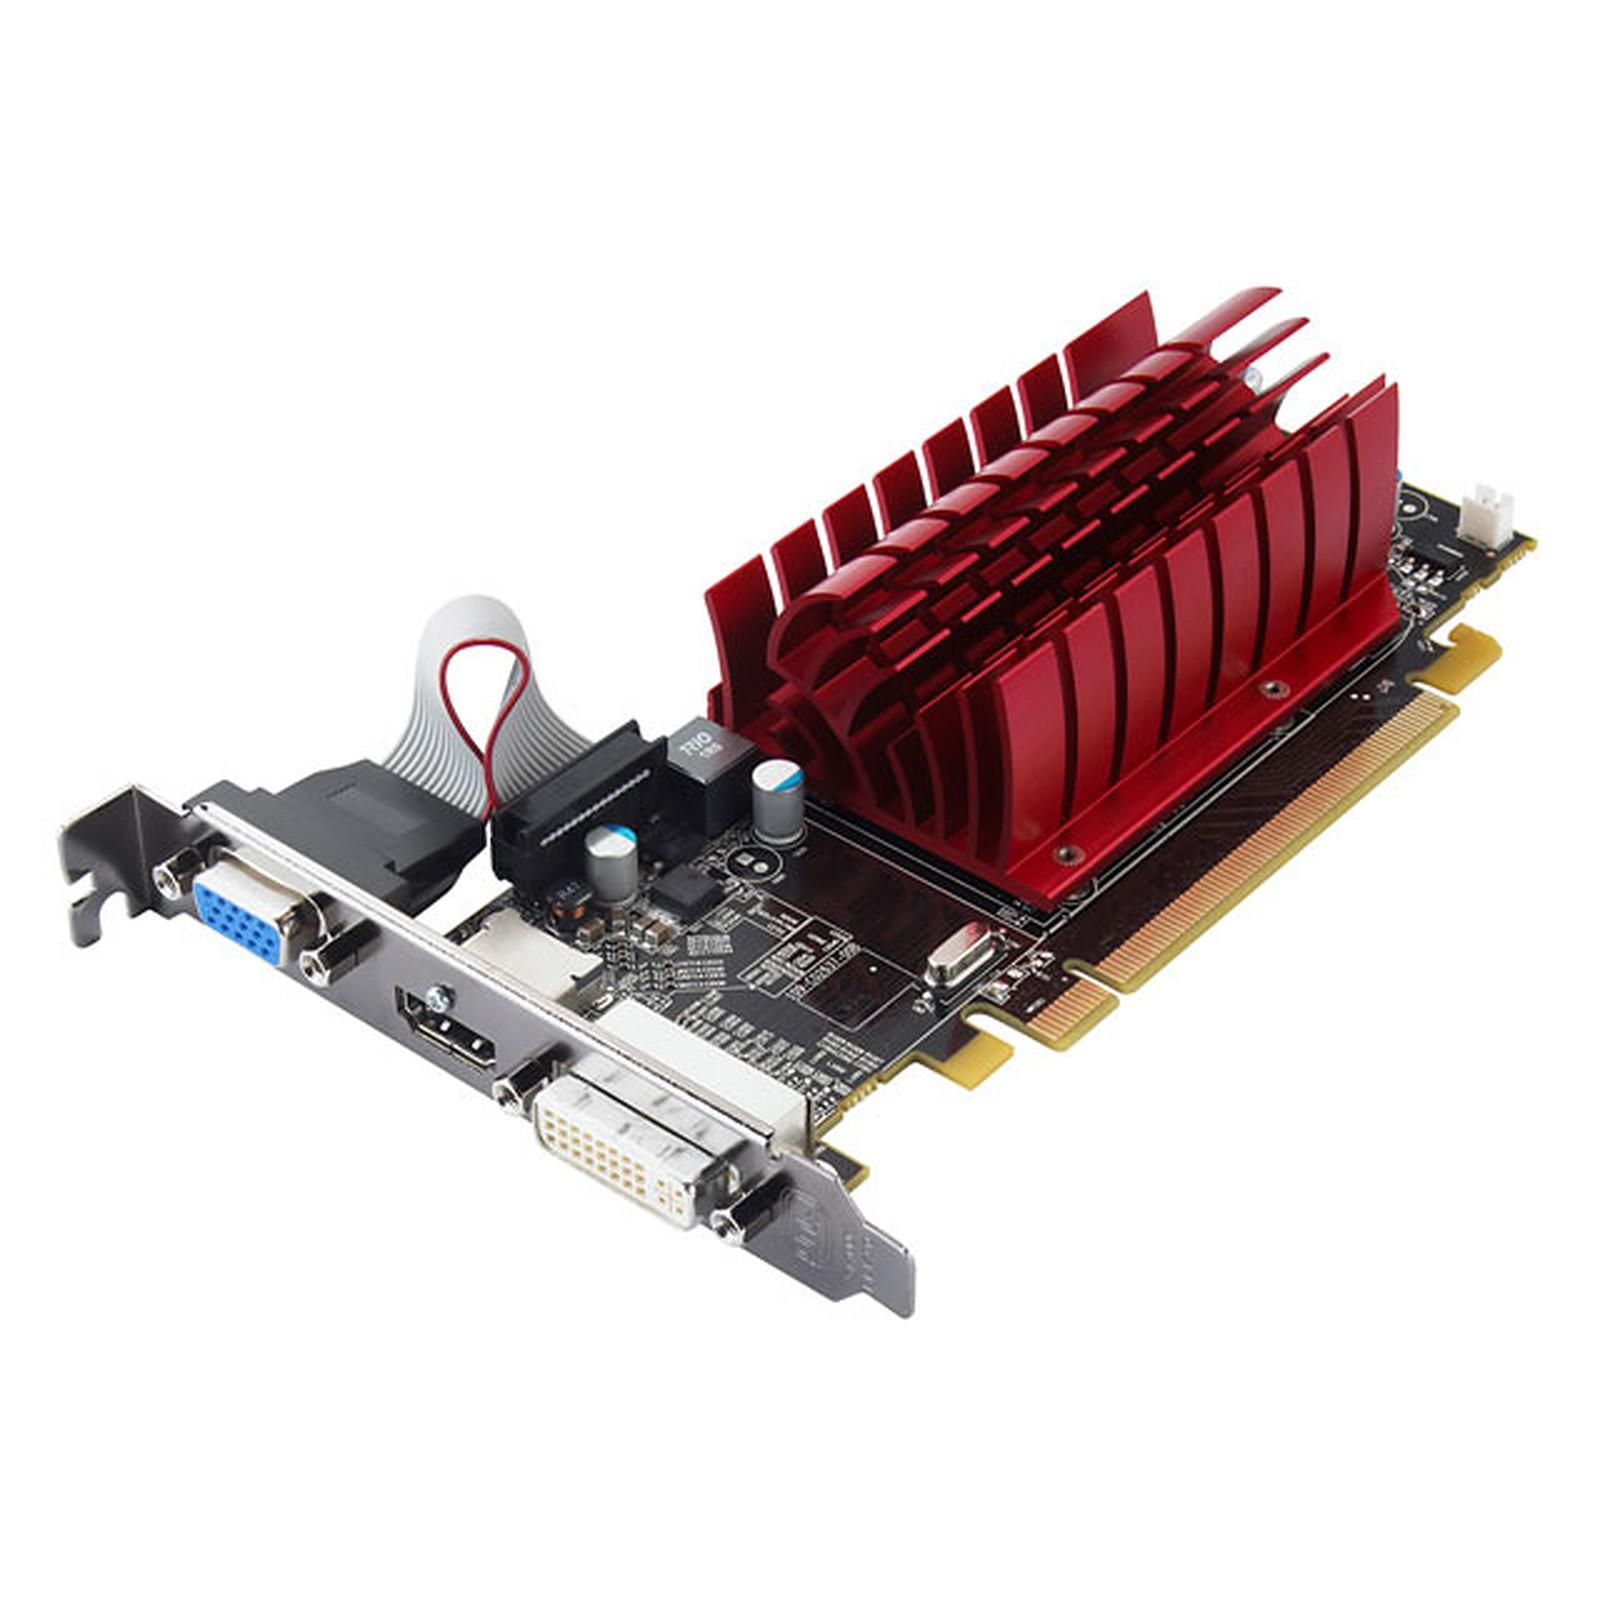 AMD Radeon HD 5450 512 MB